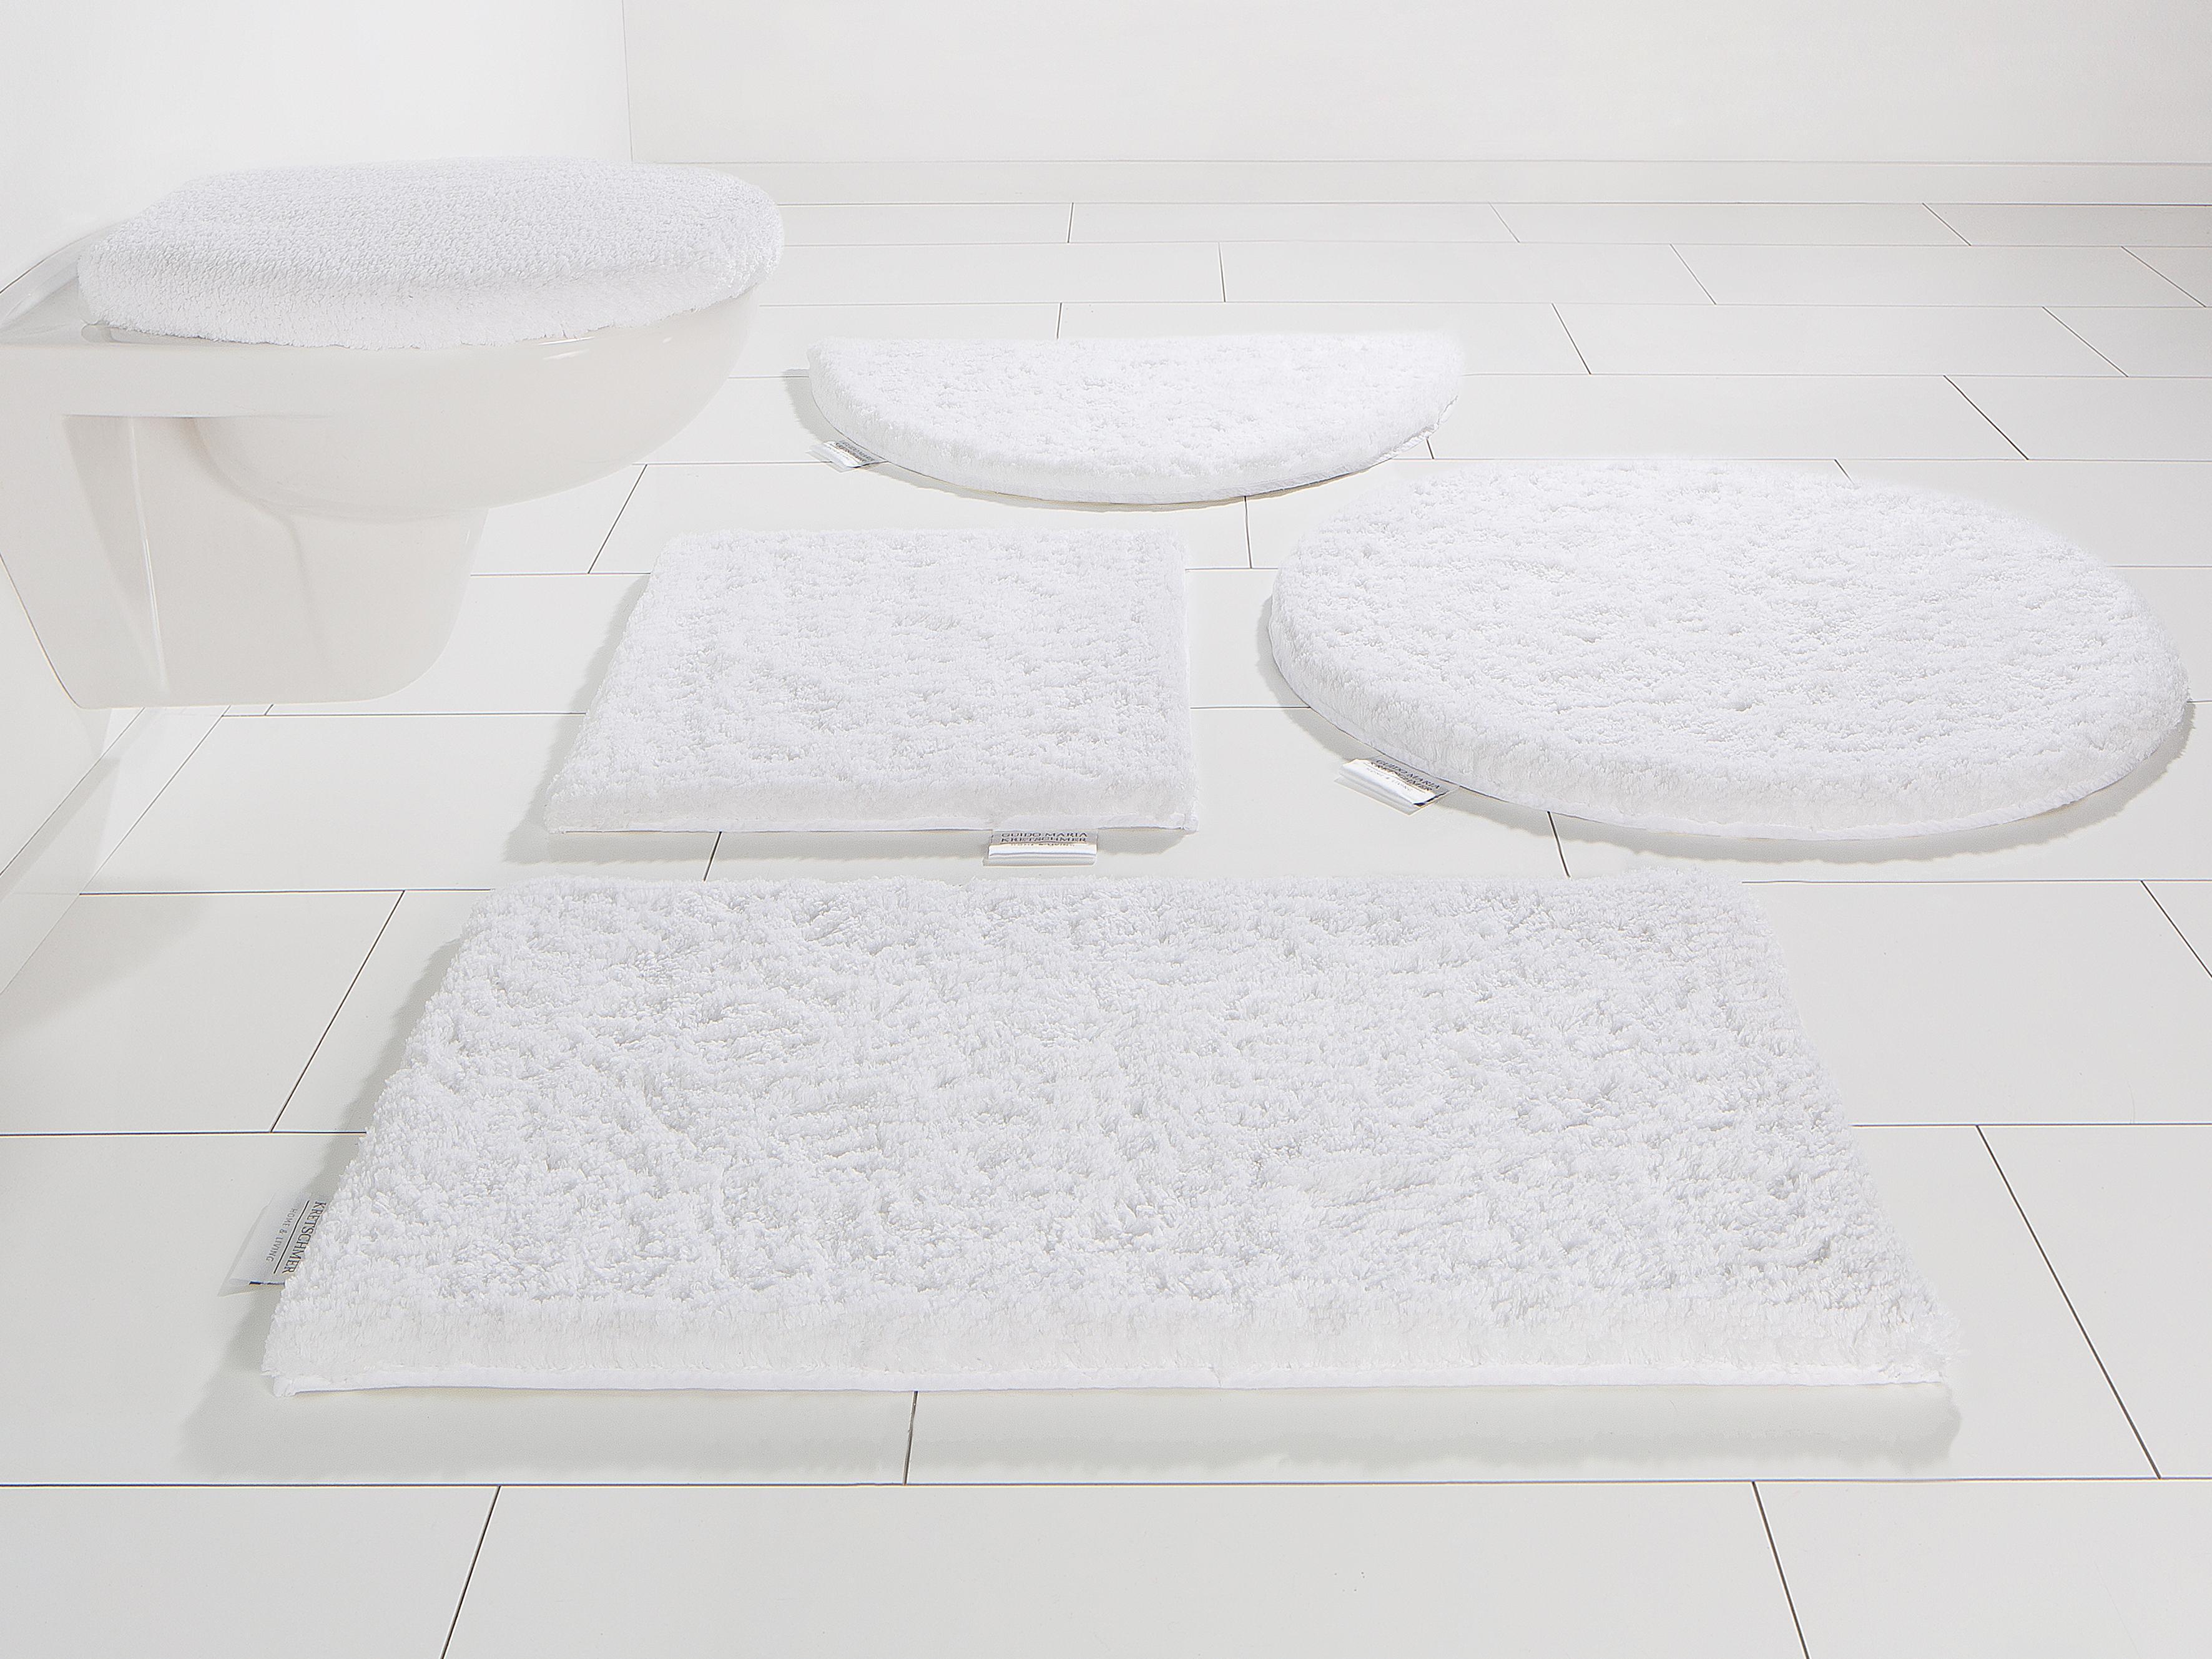 badematte in wei preisvergleich die besten angebote online kaufen. Black Bedroom Furniture Sets. Home Design Ideas